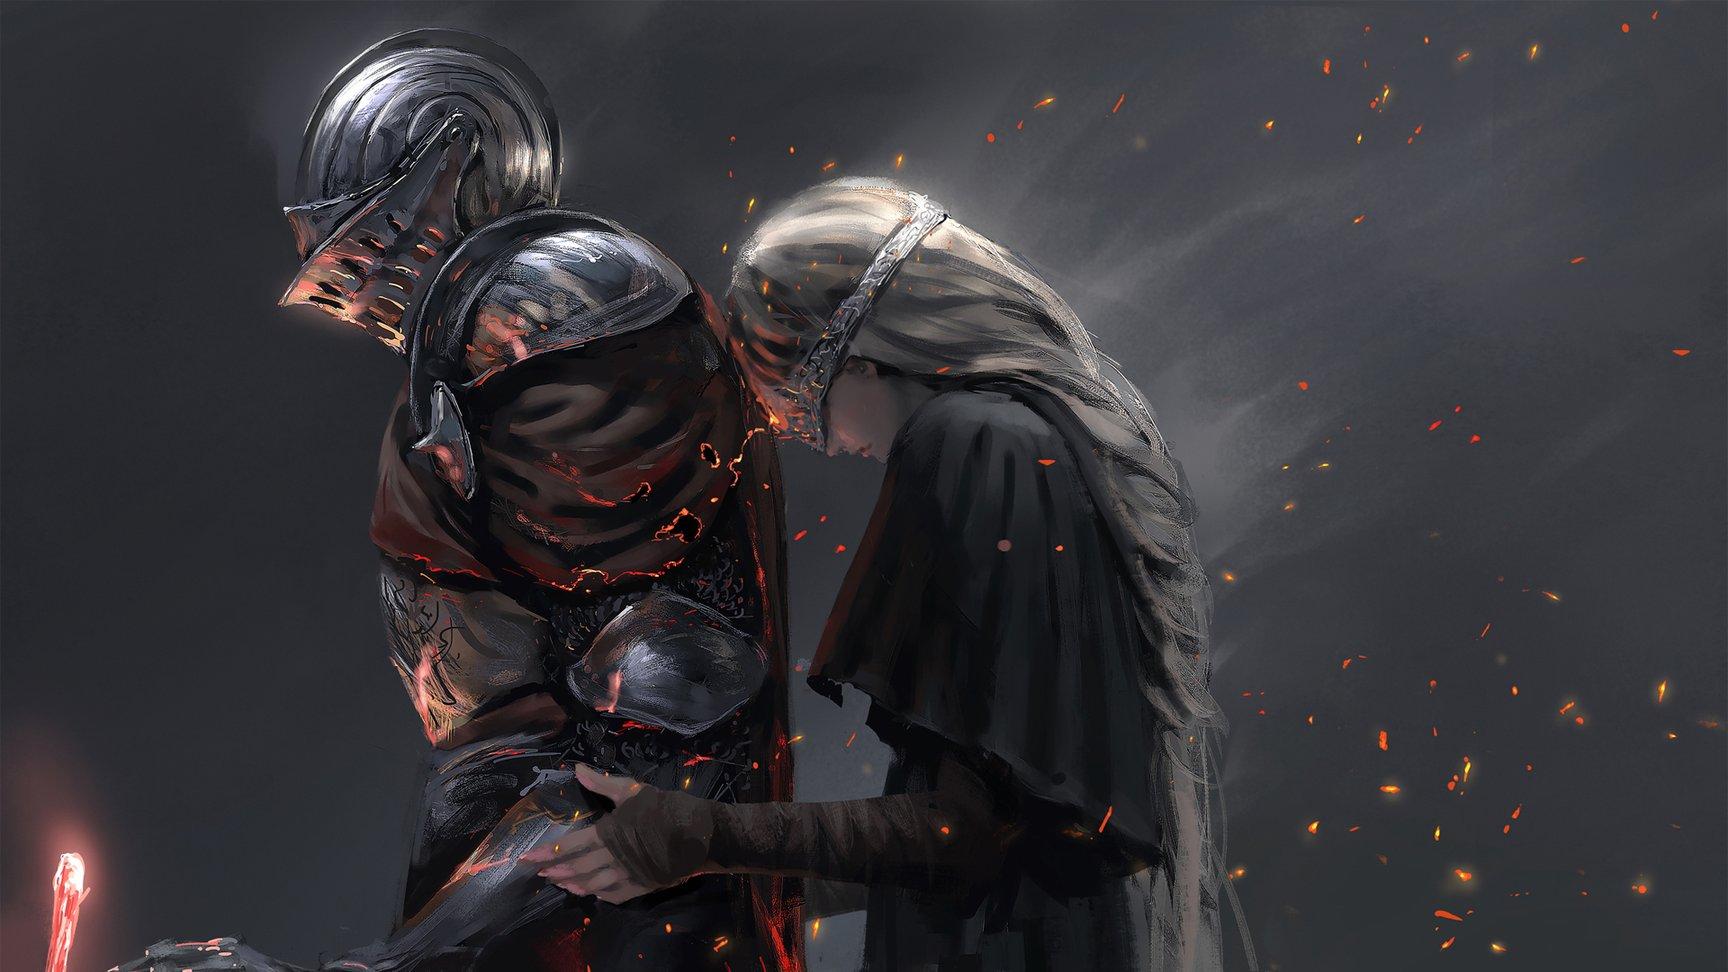 四本修真小说,《至尊修罗》用杀戮证有情之道,以鲜血